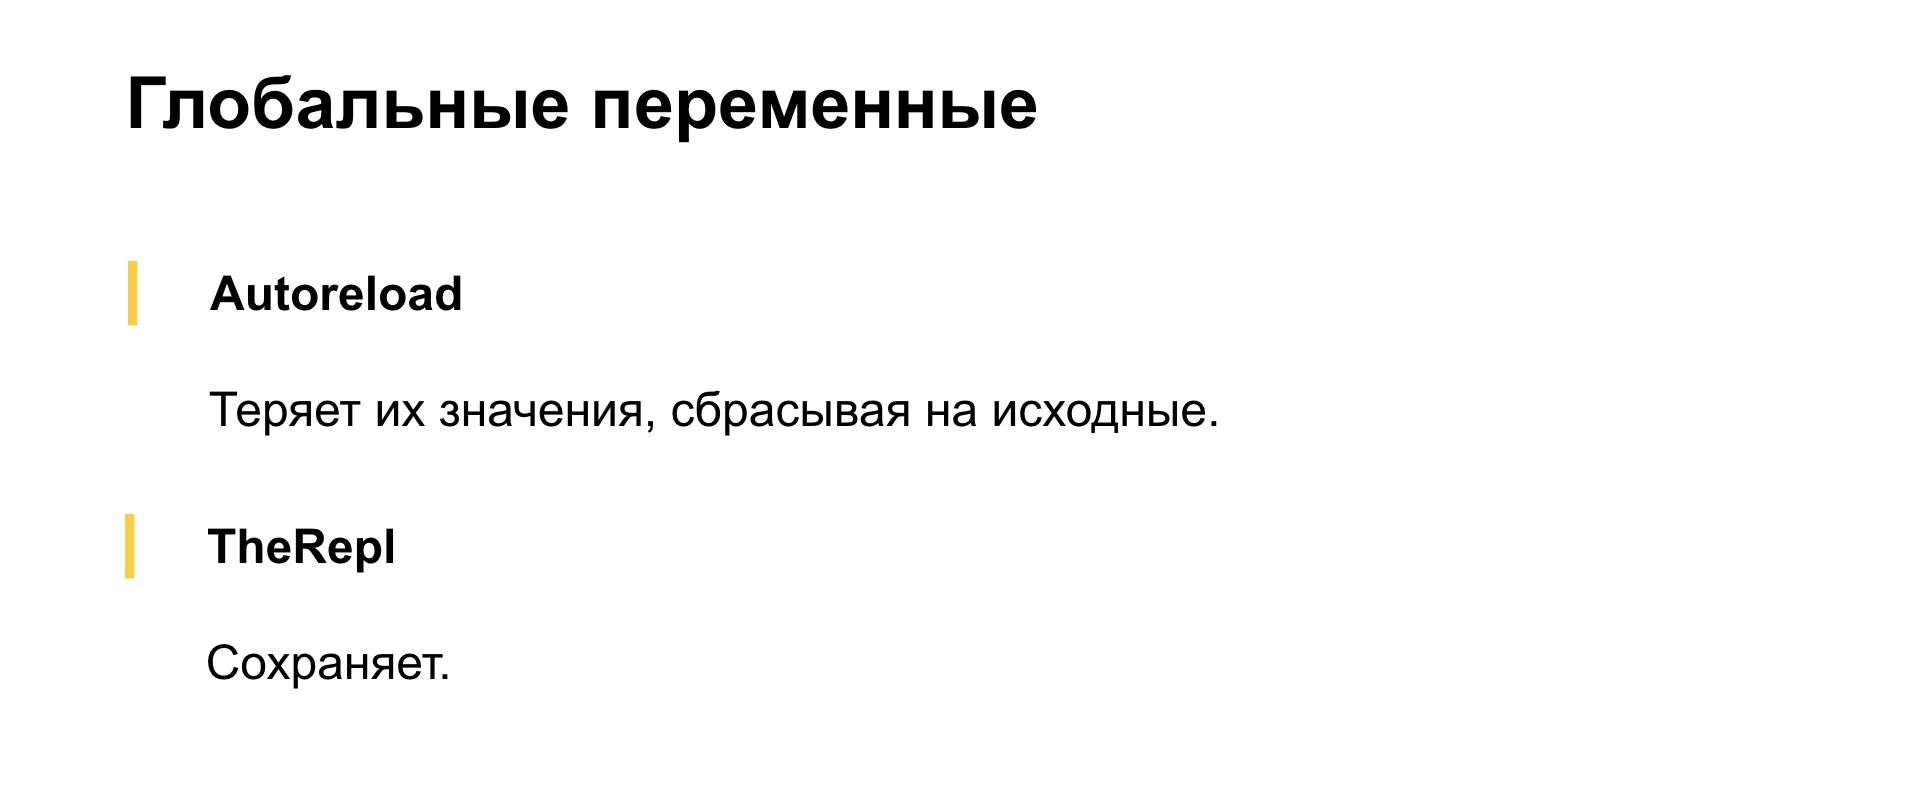 Бесполезный REPL. Доклад Яндекса - 4